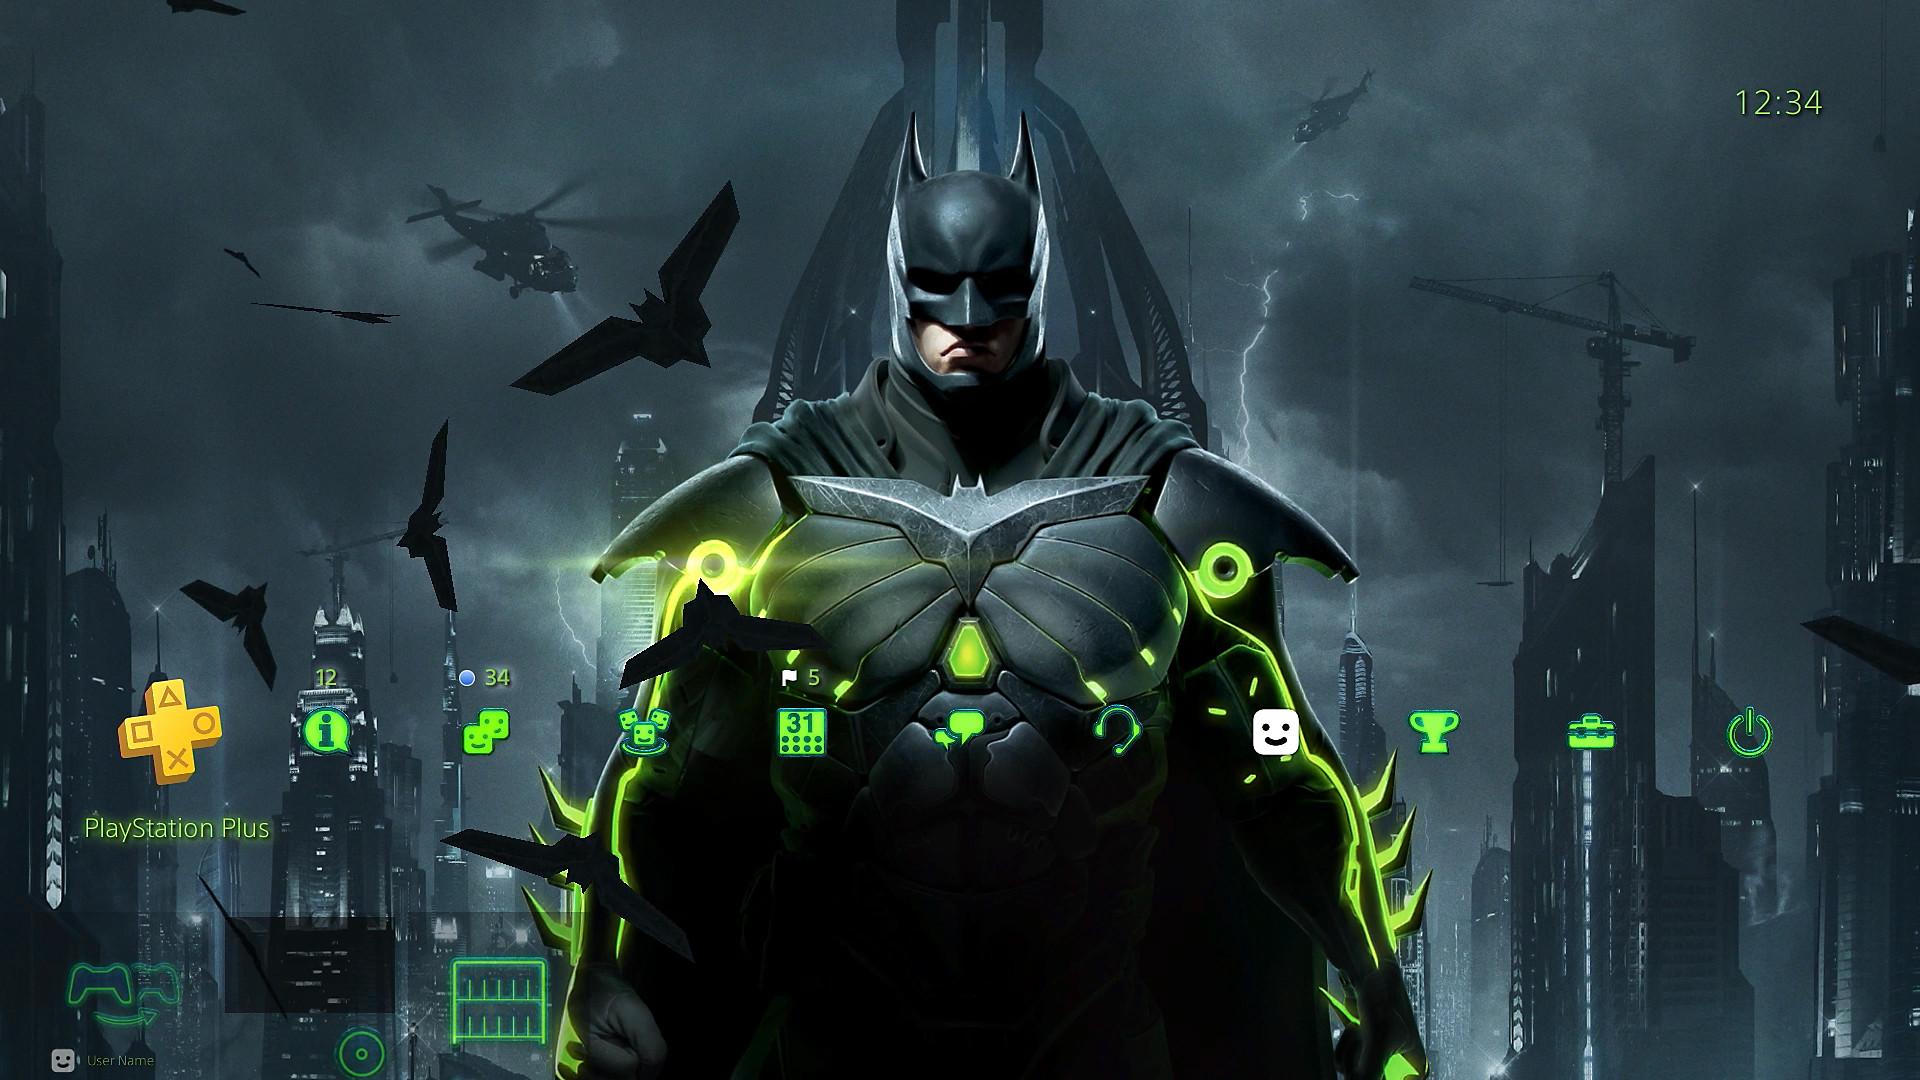 Injustice 2 Playstation